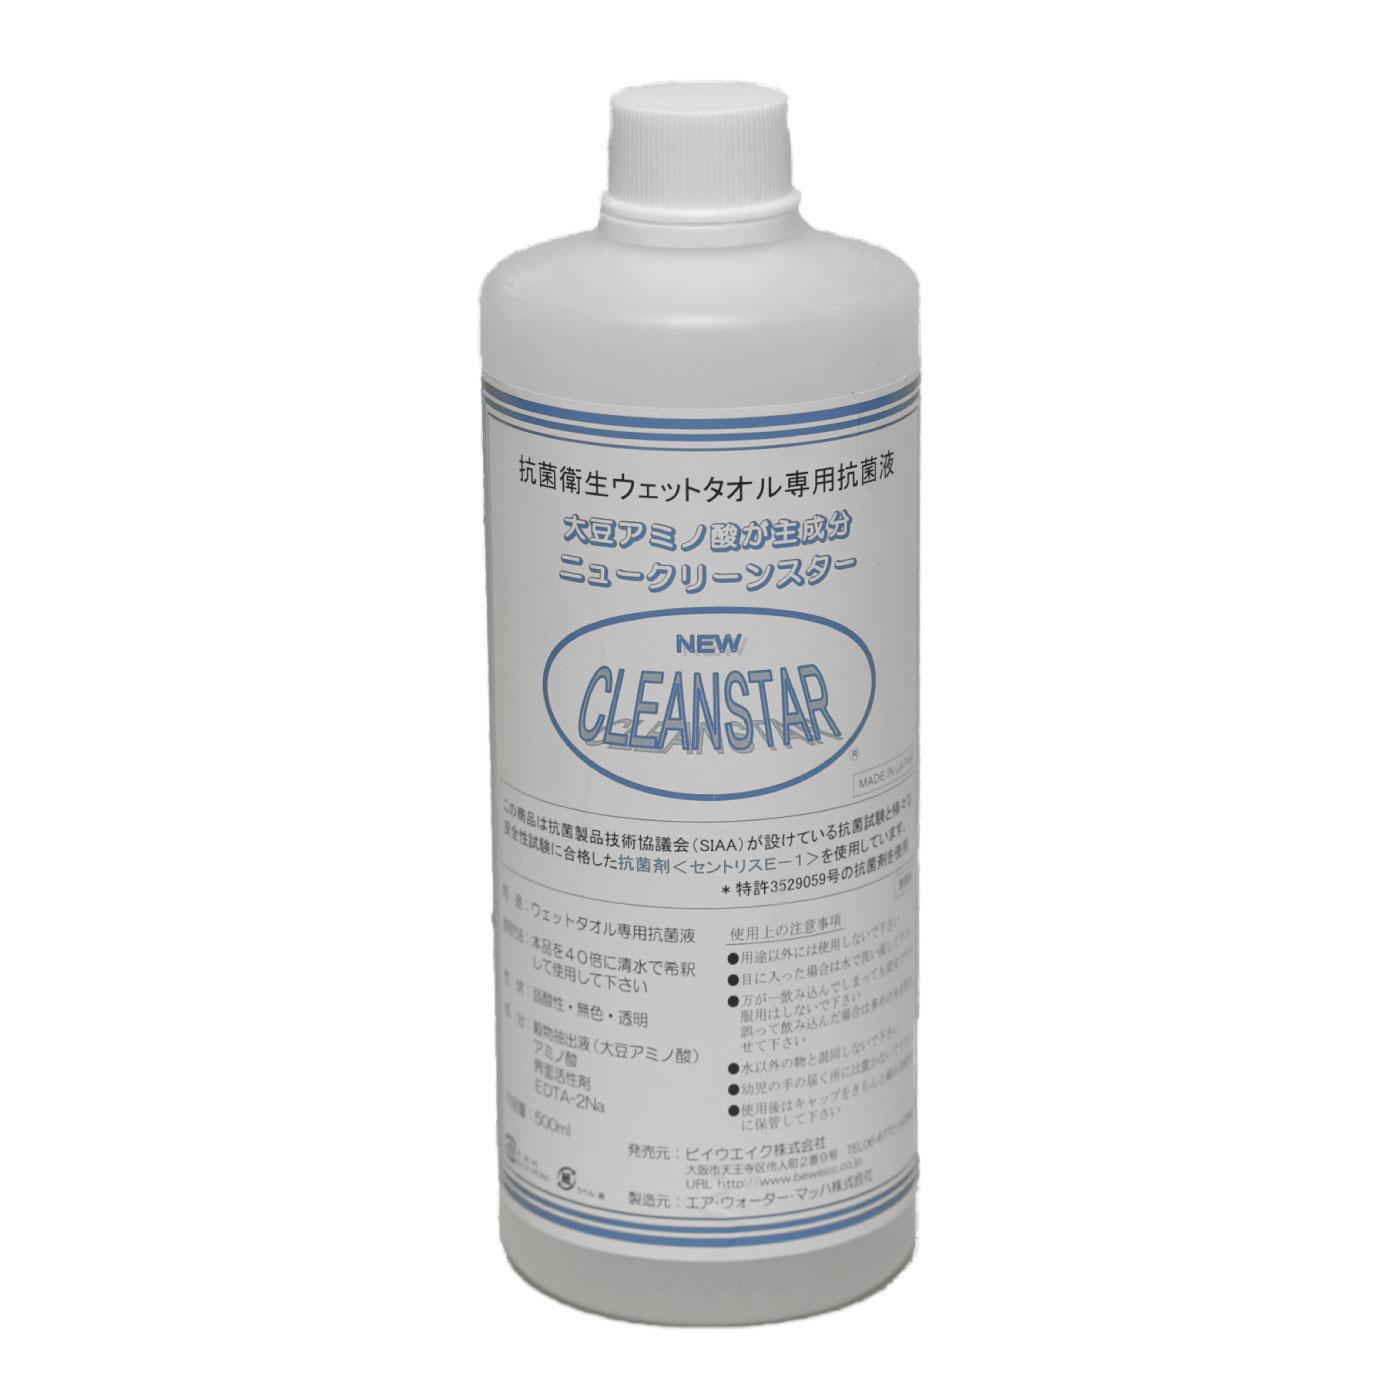 除菌・抗菌液「ニュークリーンスター」500ml×5本セット/医療用タオルディスペンサー専用抗菌液〈自動おしぼり製造機用〉《感染症対策・労力削減》